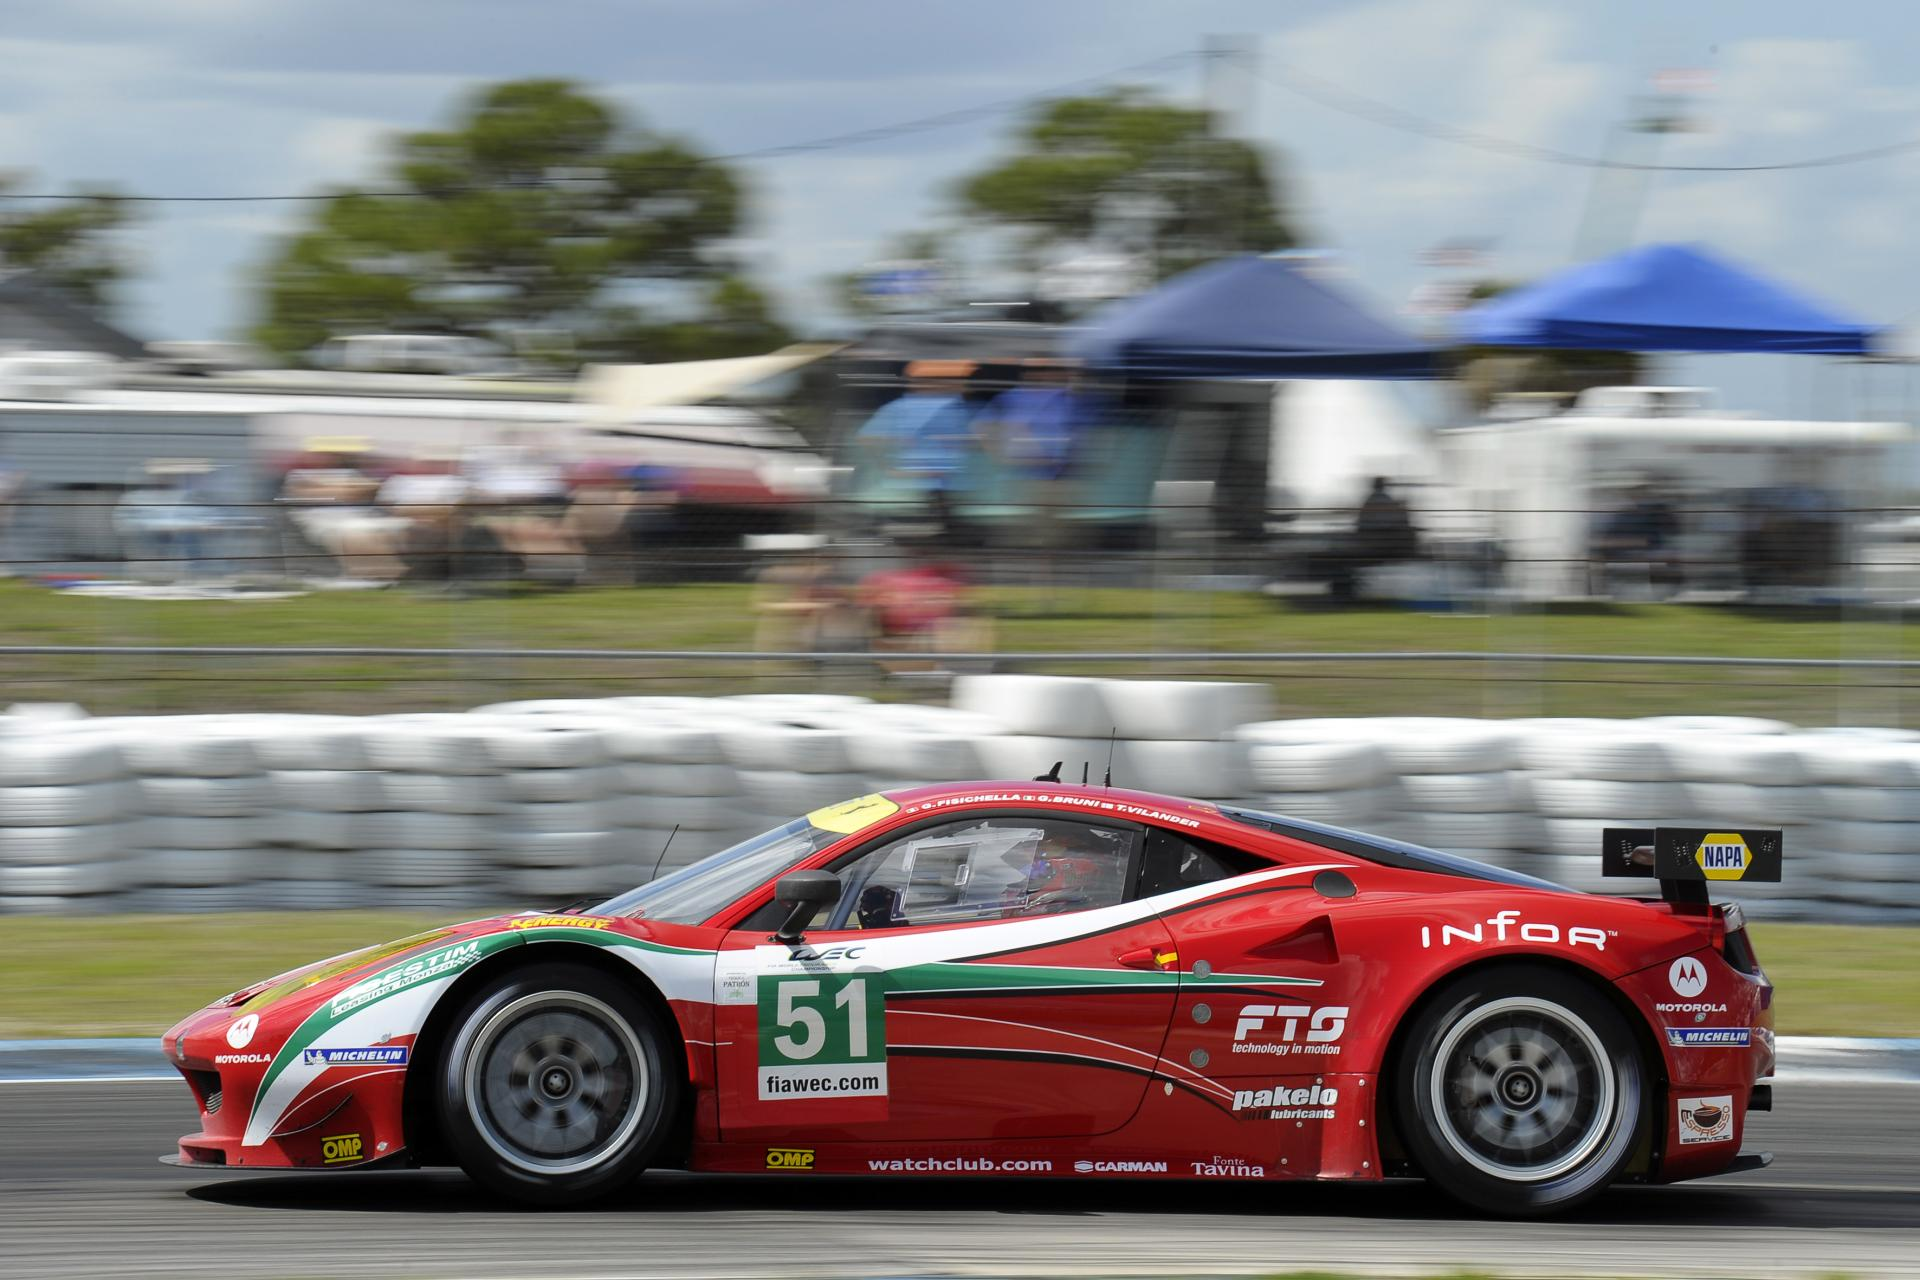 2012 Ferrari 458 Italia GT2 Image